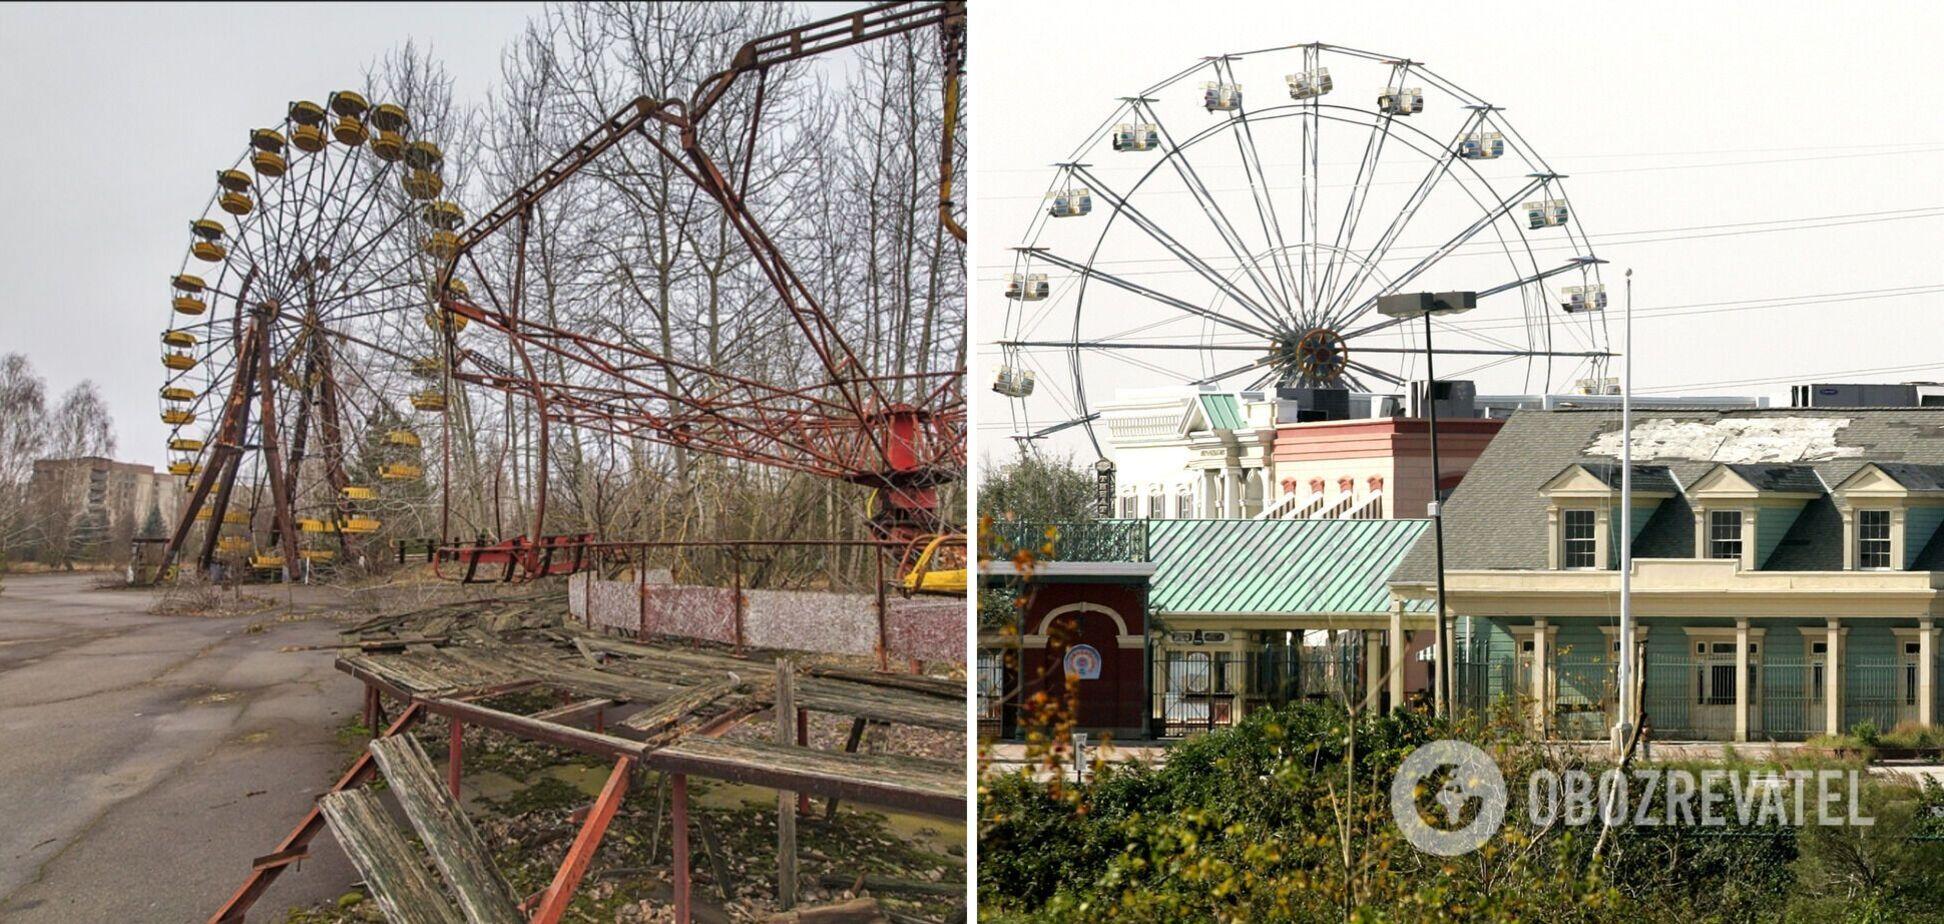 Как в Чернобыле: в США показали жуткий парк развлечений. Фото и видео